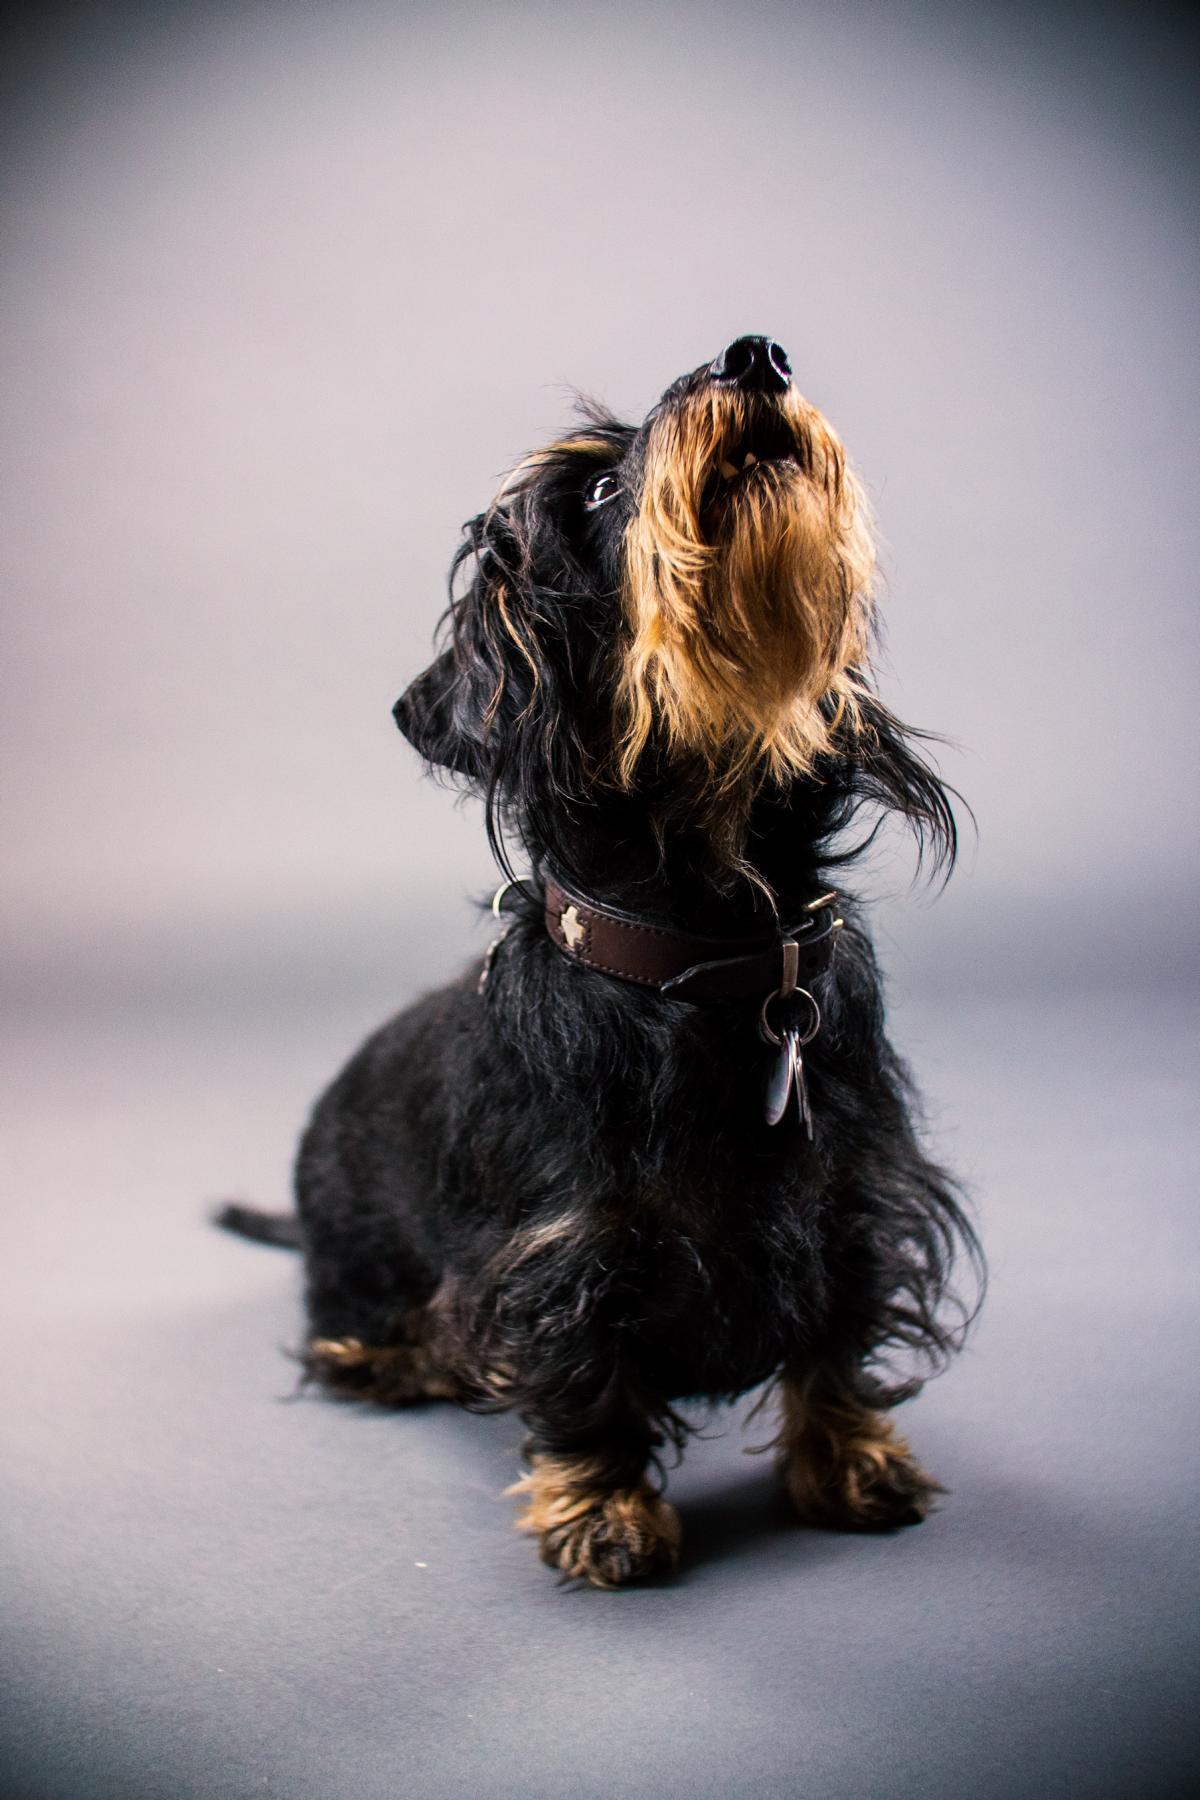 Rauhaardackel Hund Natur